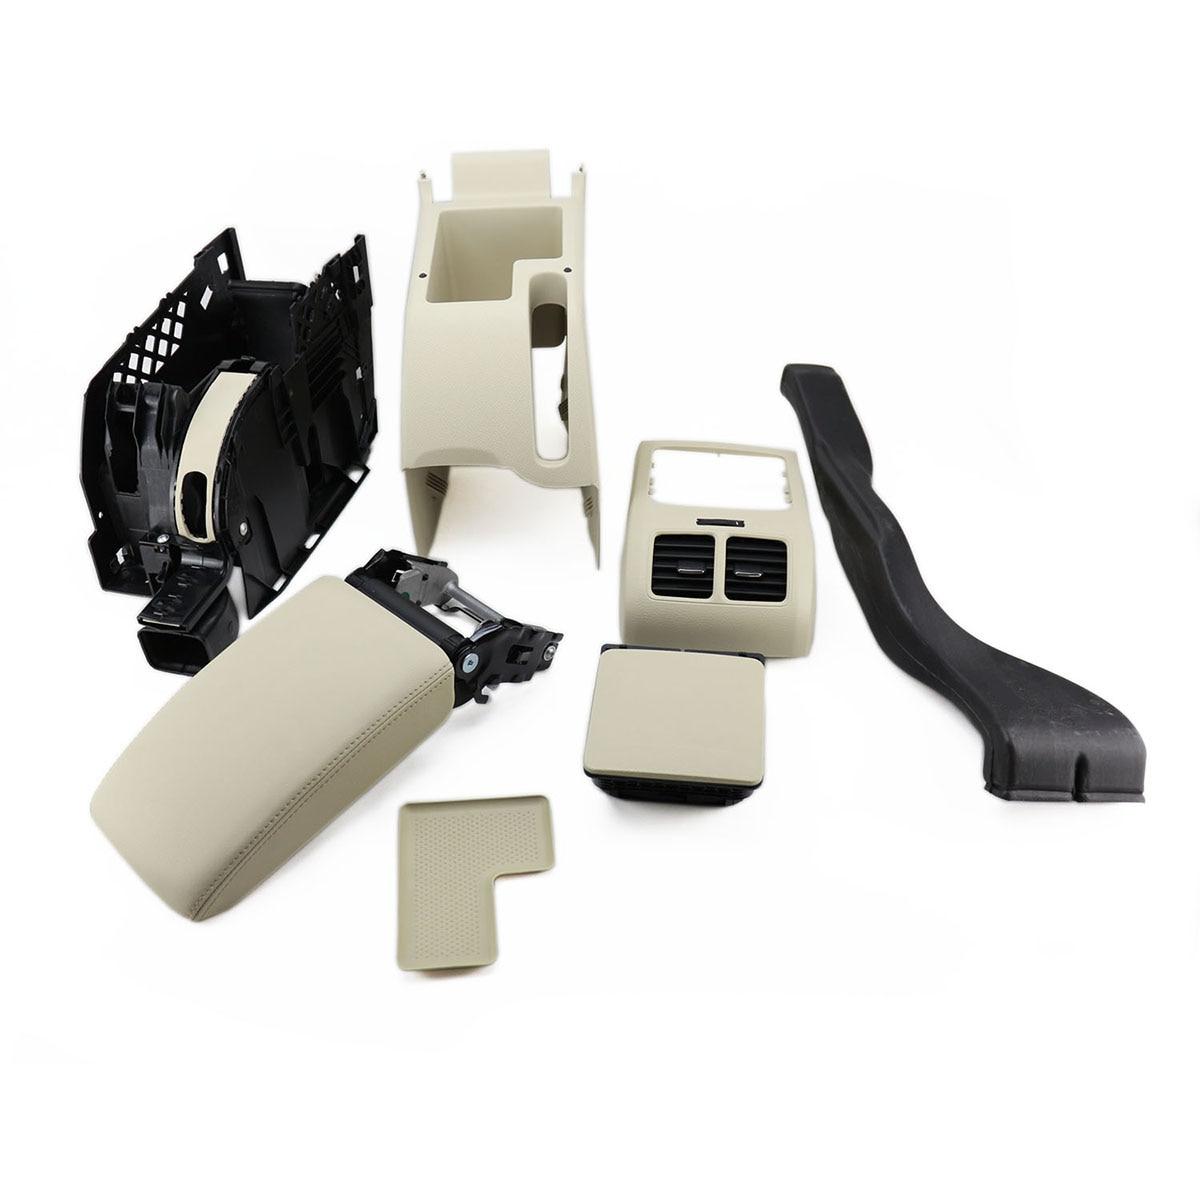 OEM Beige FAW 898 207 95 T Console centrale accoudoir support de verre Kit pour VW Jetta MK5 Golf MK6